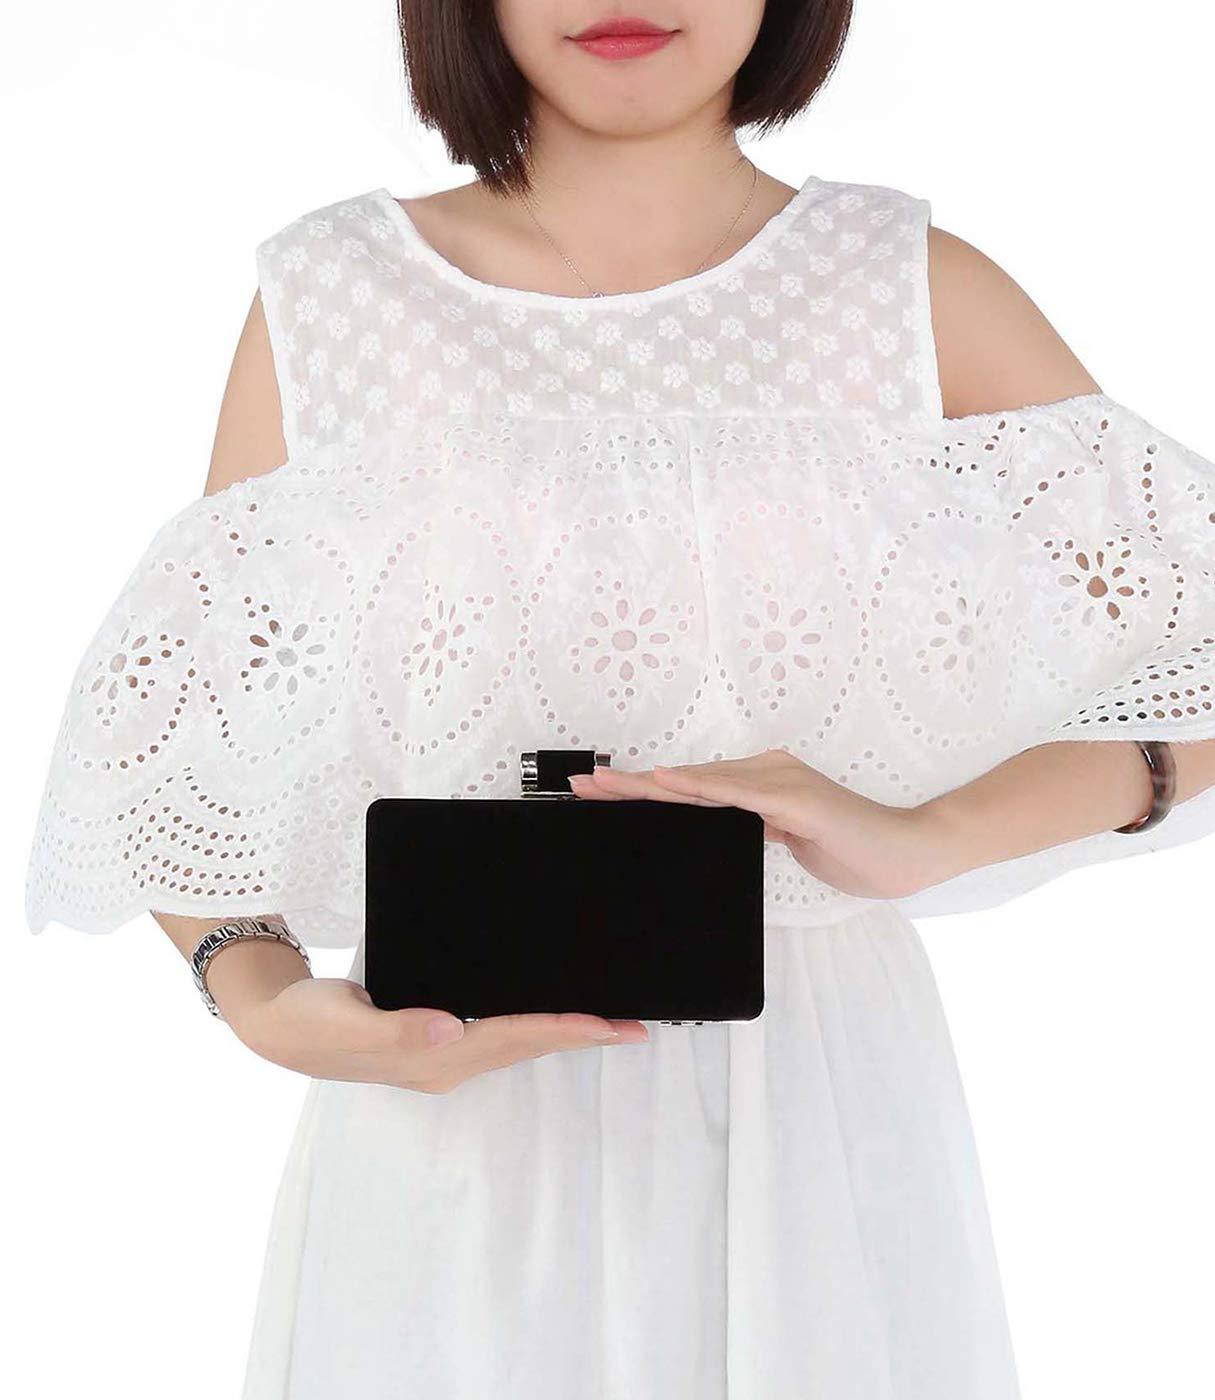 61%2BxAFVPIvL - BAIGIO Bolsa de Noche Mujer Elegante Bolso de Mano Bolso Clutch de Embrague Monedero de Terciopelo para Mujeres y…